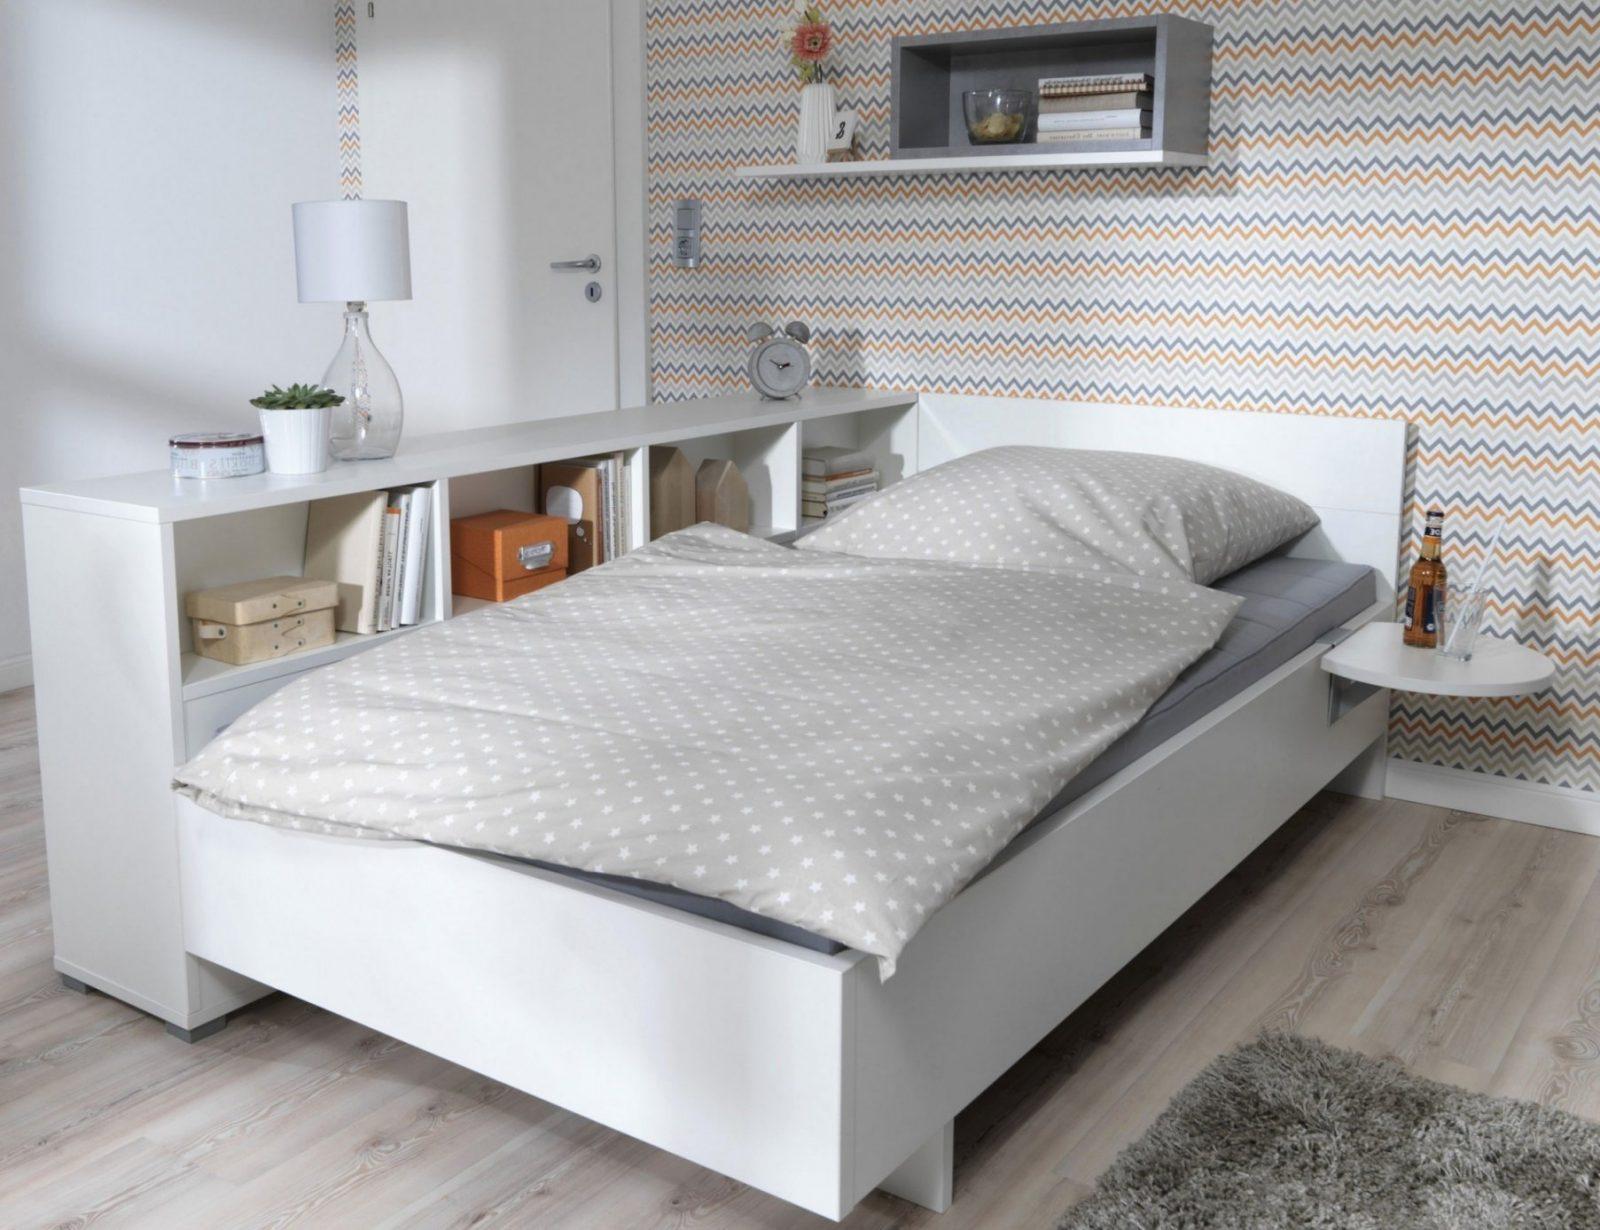 Elegant Kinderzimmer Tapete Junge  Dekoration Bild Idee von Tapeten Für Jugendzimmer Jungen Bild